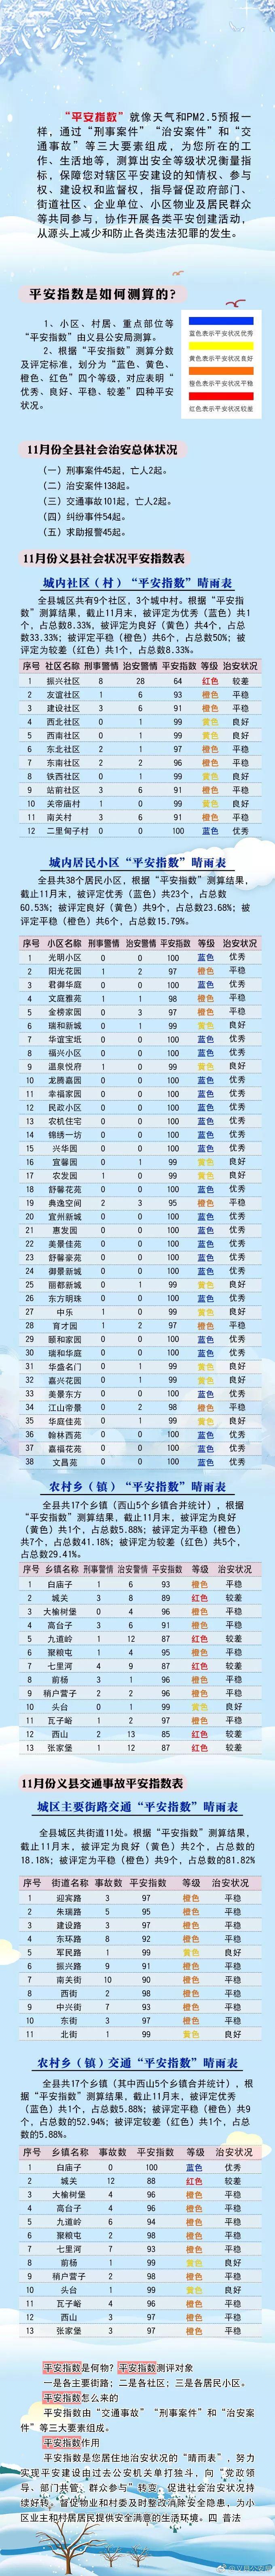 """义县第六期""""平安指数""""出炉戳进来看看自己住地的状况吧!"""